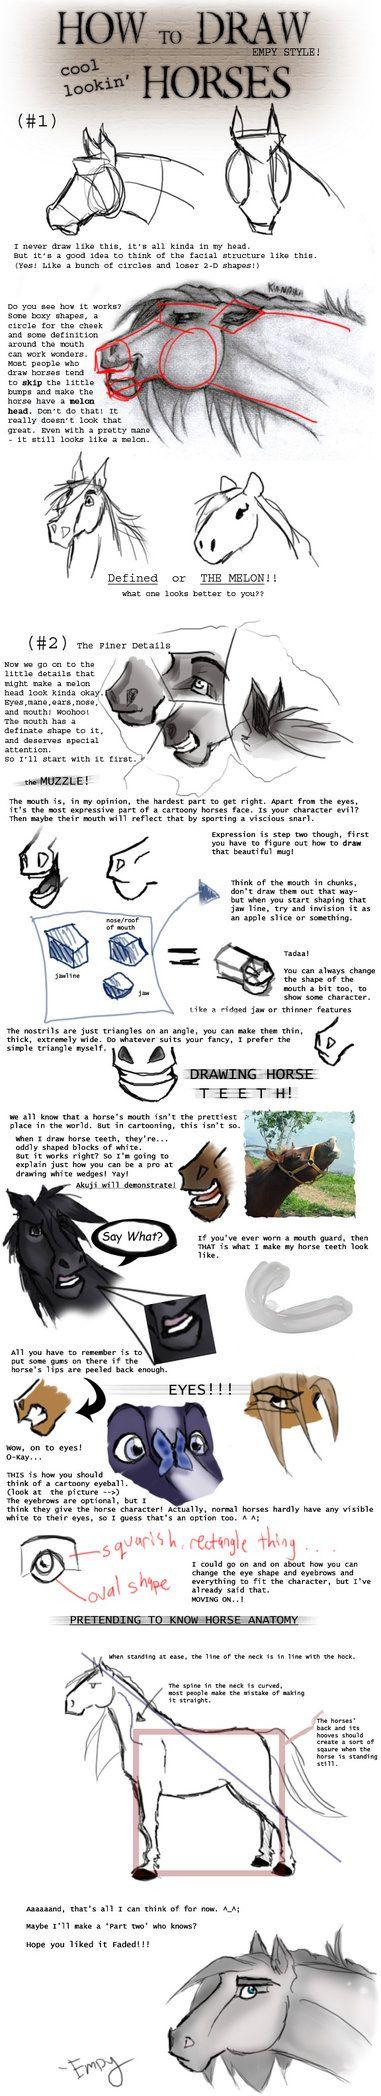 Horse tutorial by kungpowkitten on DeviantArt